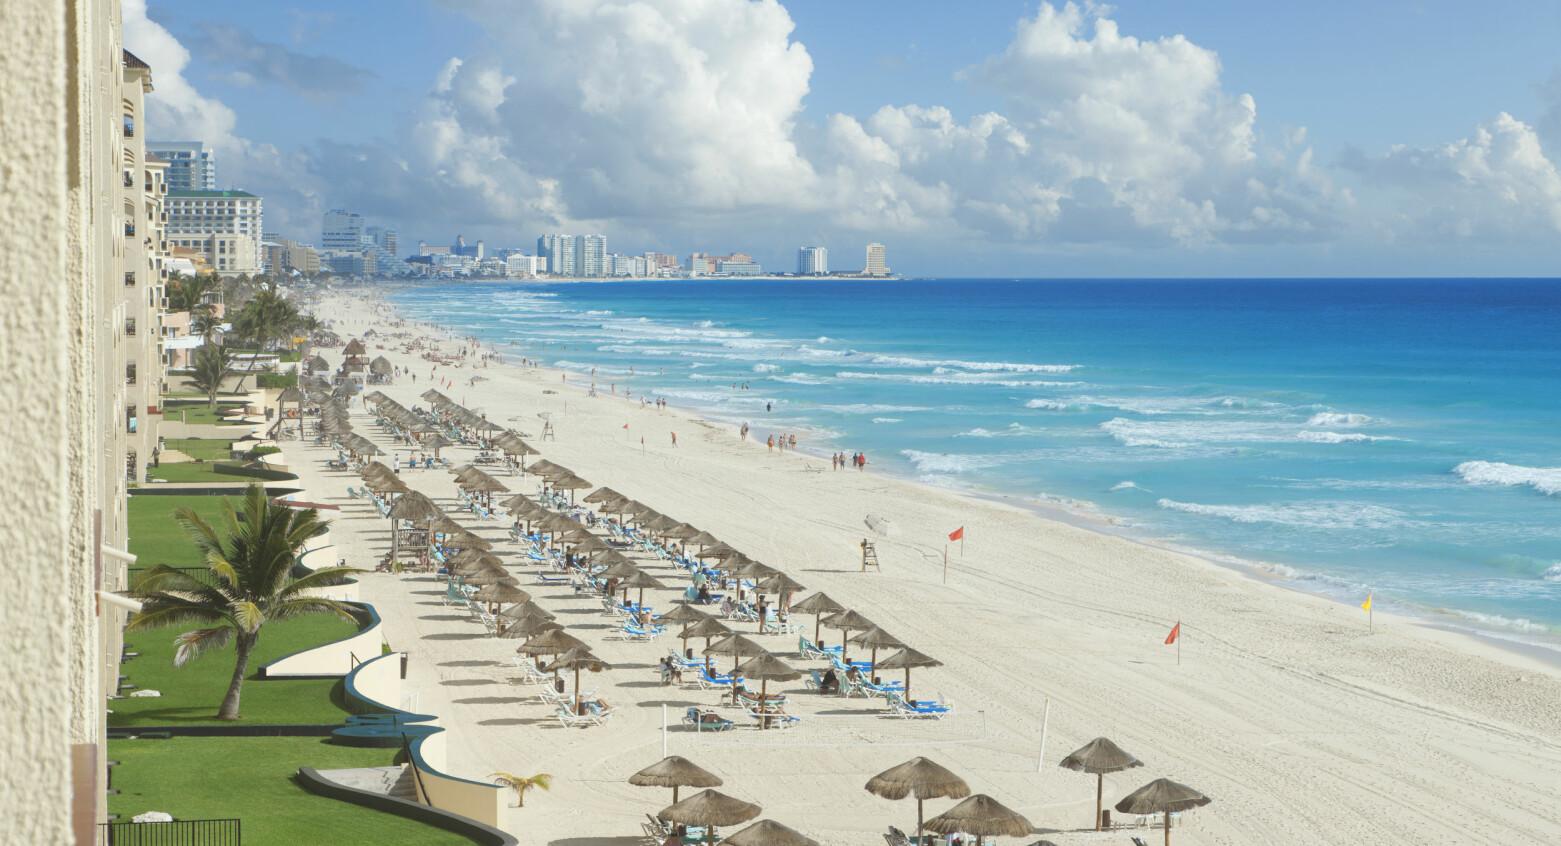 SPISTE LUNSJ: Knut var på ferie og koste seg i Cancun i Mexico da han oppdaget at kortet var borte. Foto: SCANPIX/SHUTTERSTOCK